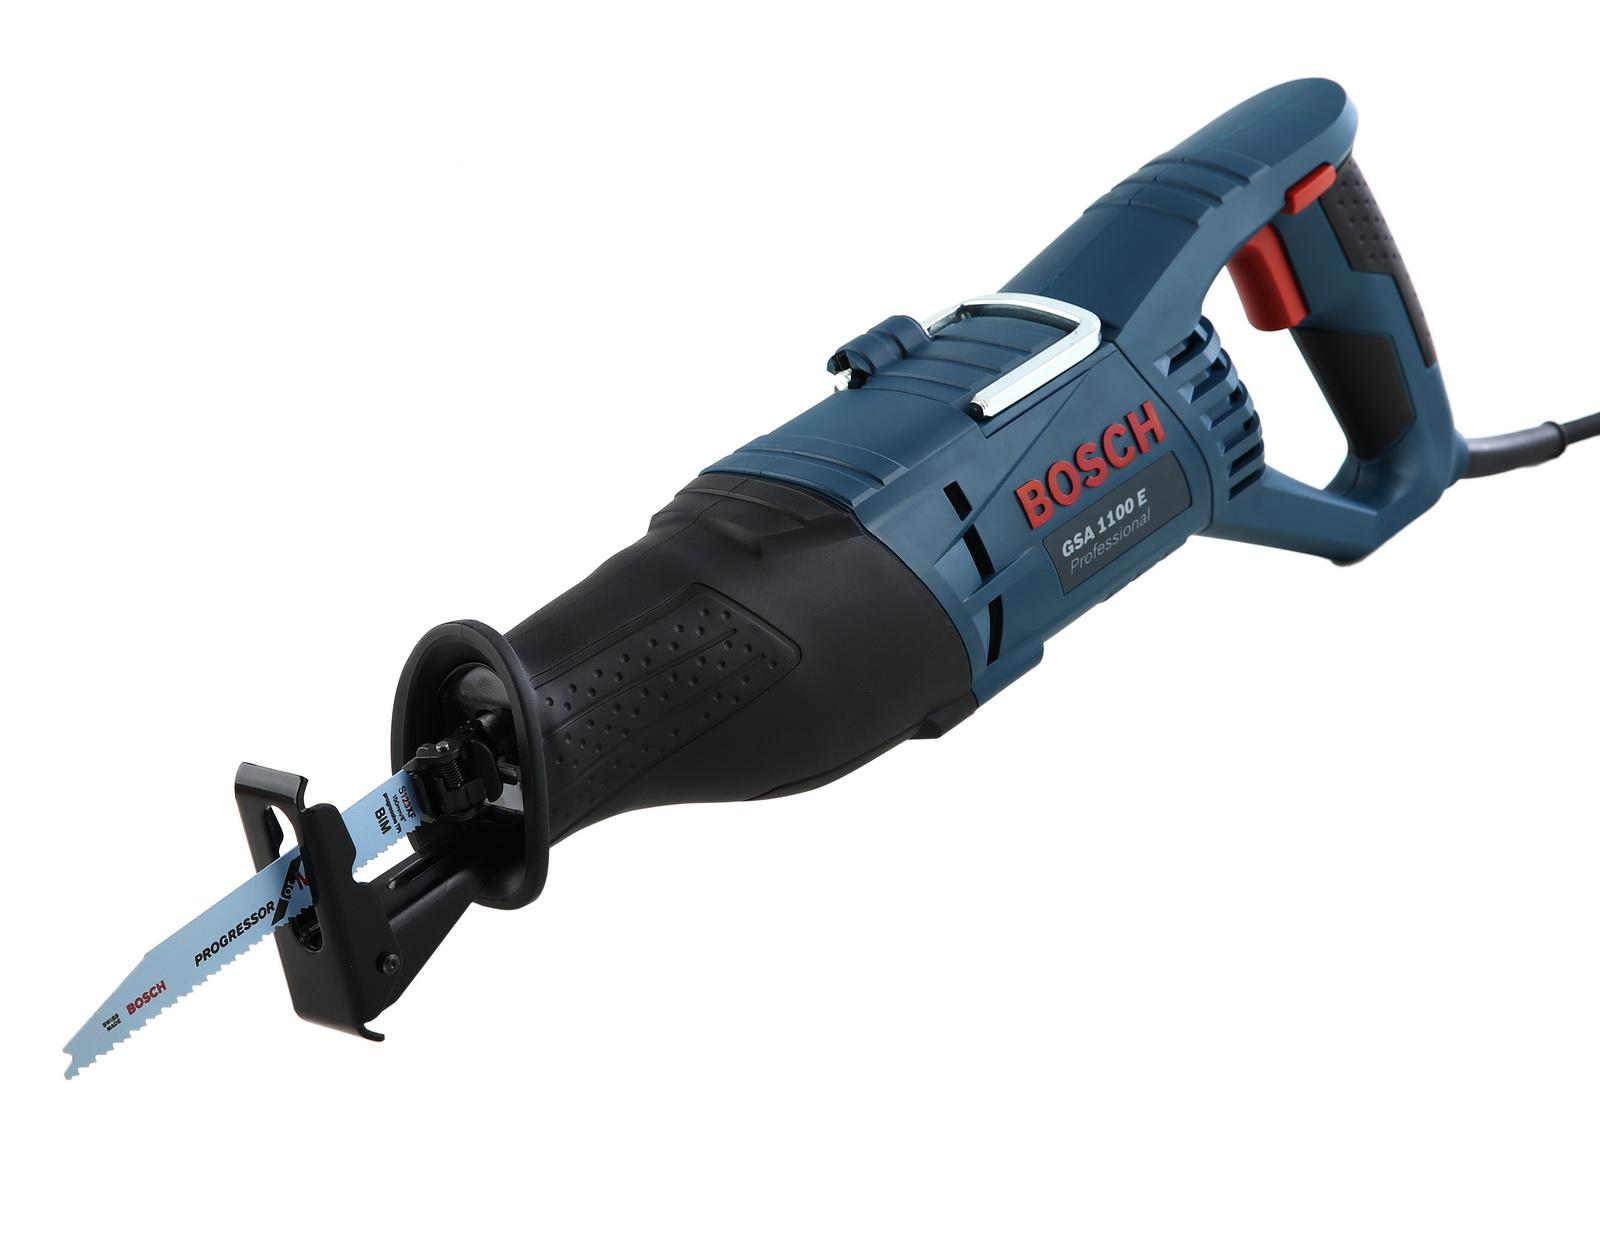 Сабельная пила Bosch Gsa 1100 e (0.601.64c.800) аккумуляторная сабельная ножовка bosch gsa 10 8v li 0 601 64l 902